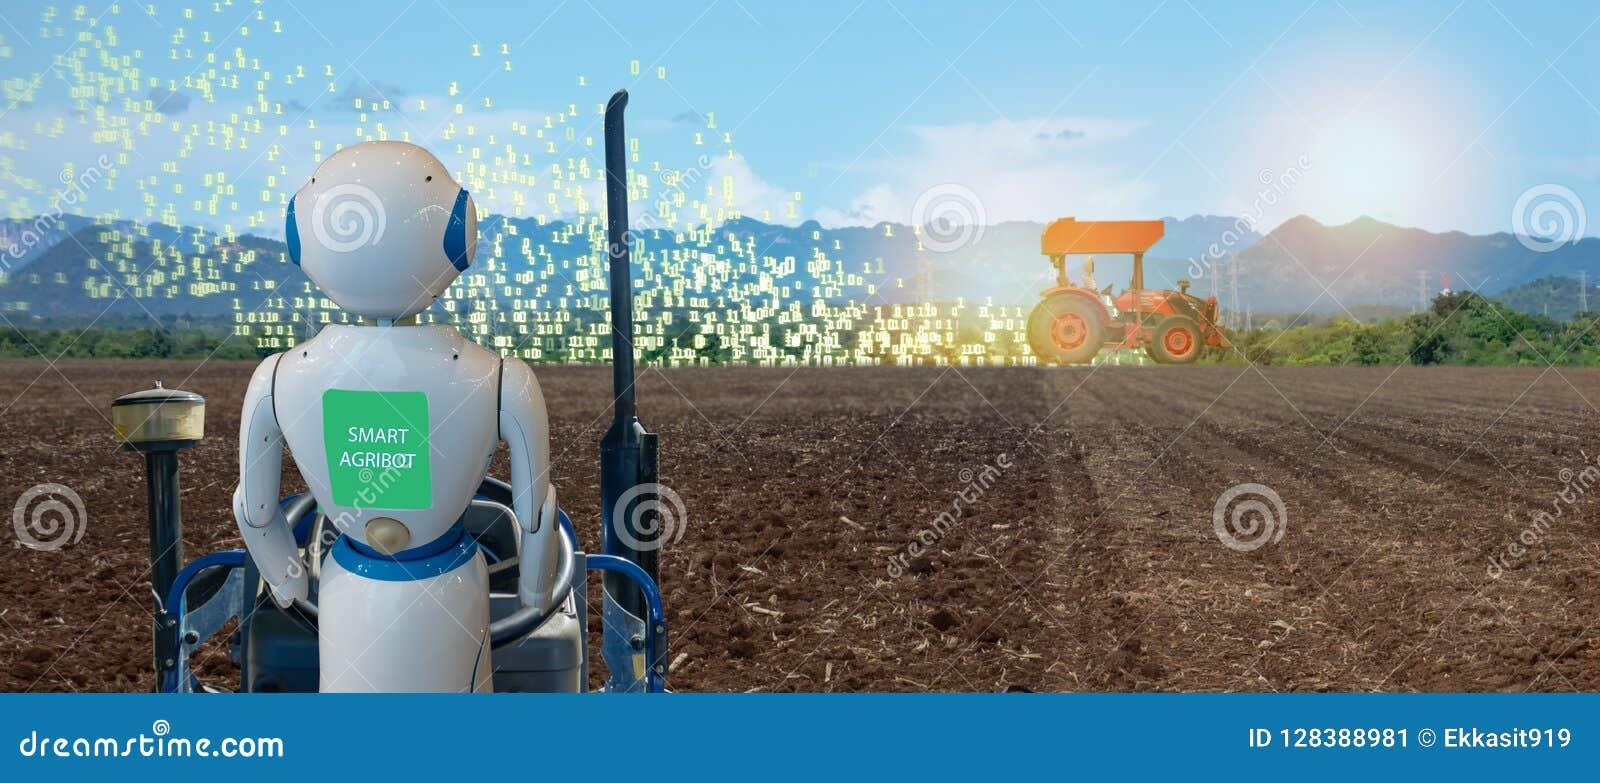 Сельское хозяйство Iot умное, земледелие в индустрии 4 0 технологий с искусственным интеллектом и концепцией машинного обучения о